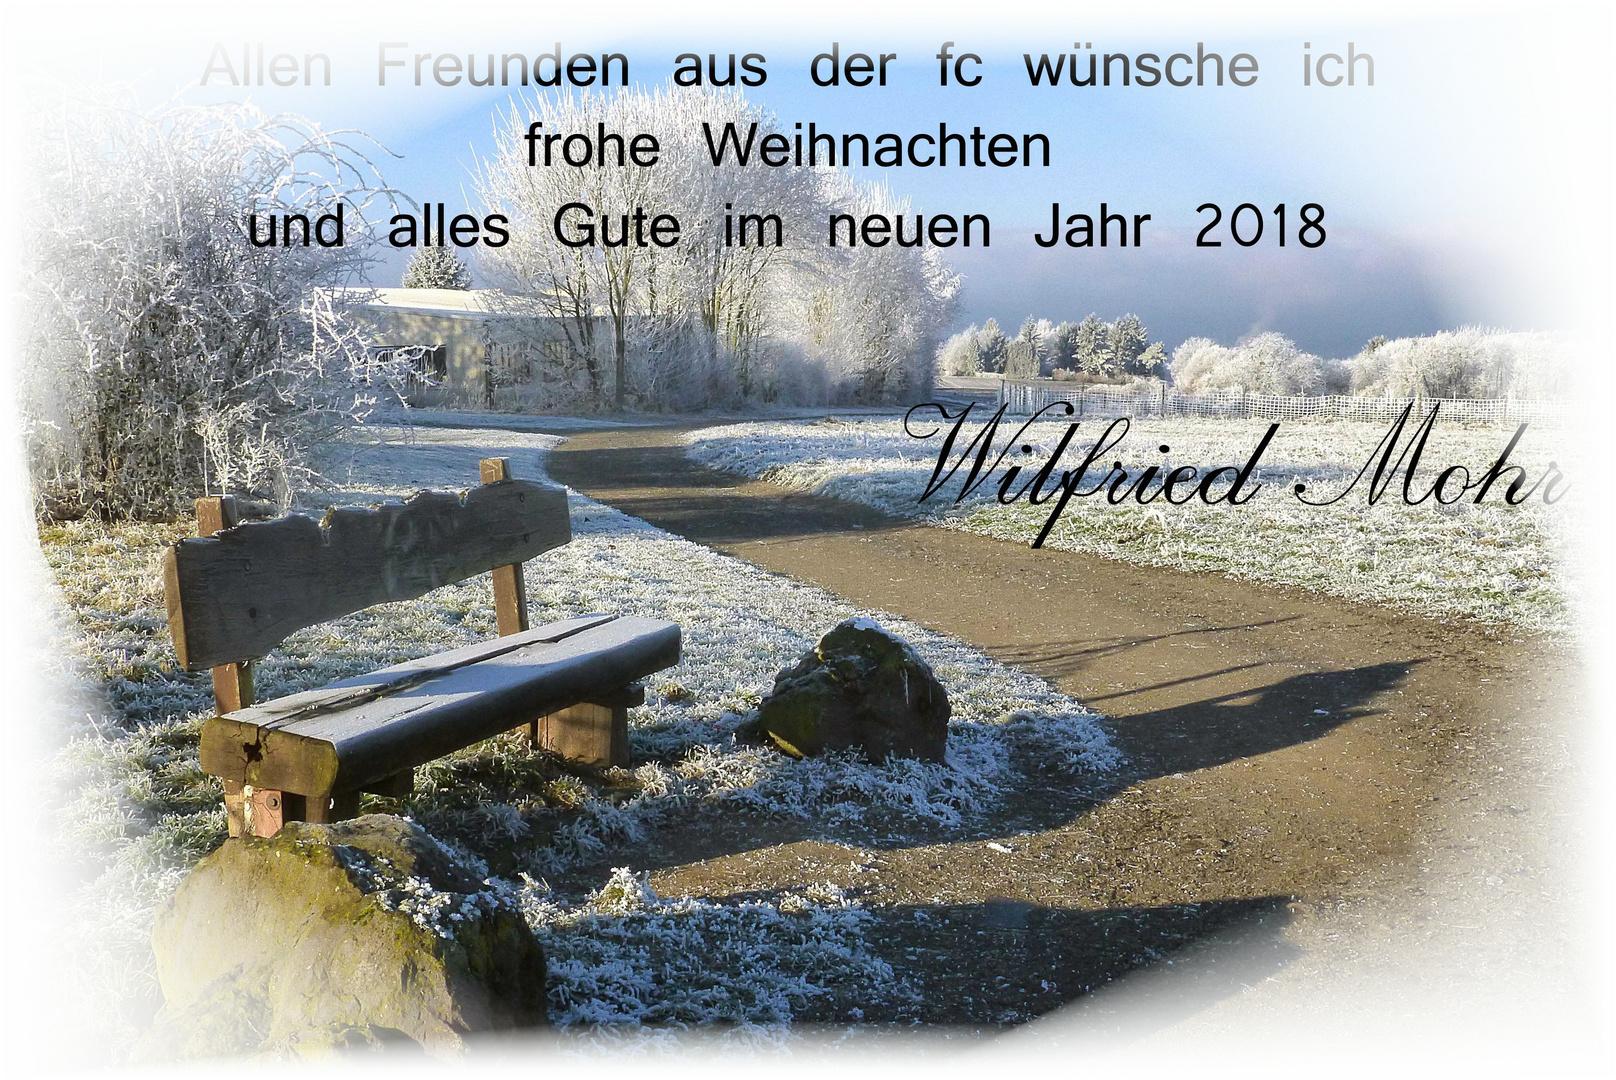 Frohe Weihnachten Und Alles Gute Im Neuen Jahr.Frohe Weihnachten Und Alles Gute Im Neuen Jahr Foto Bild Natur